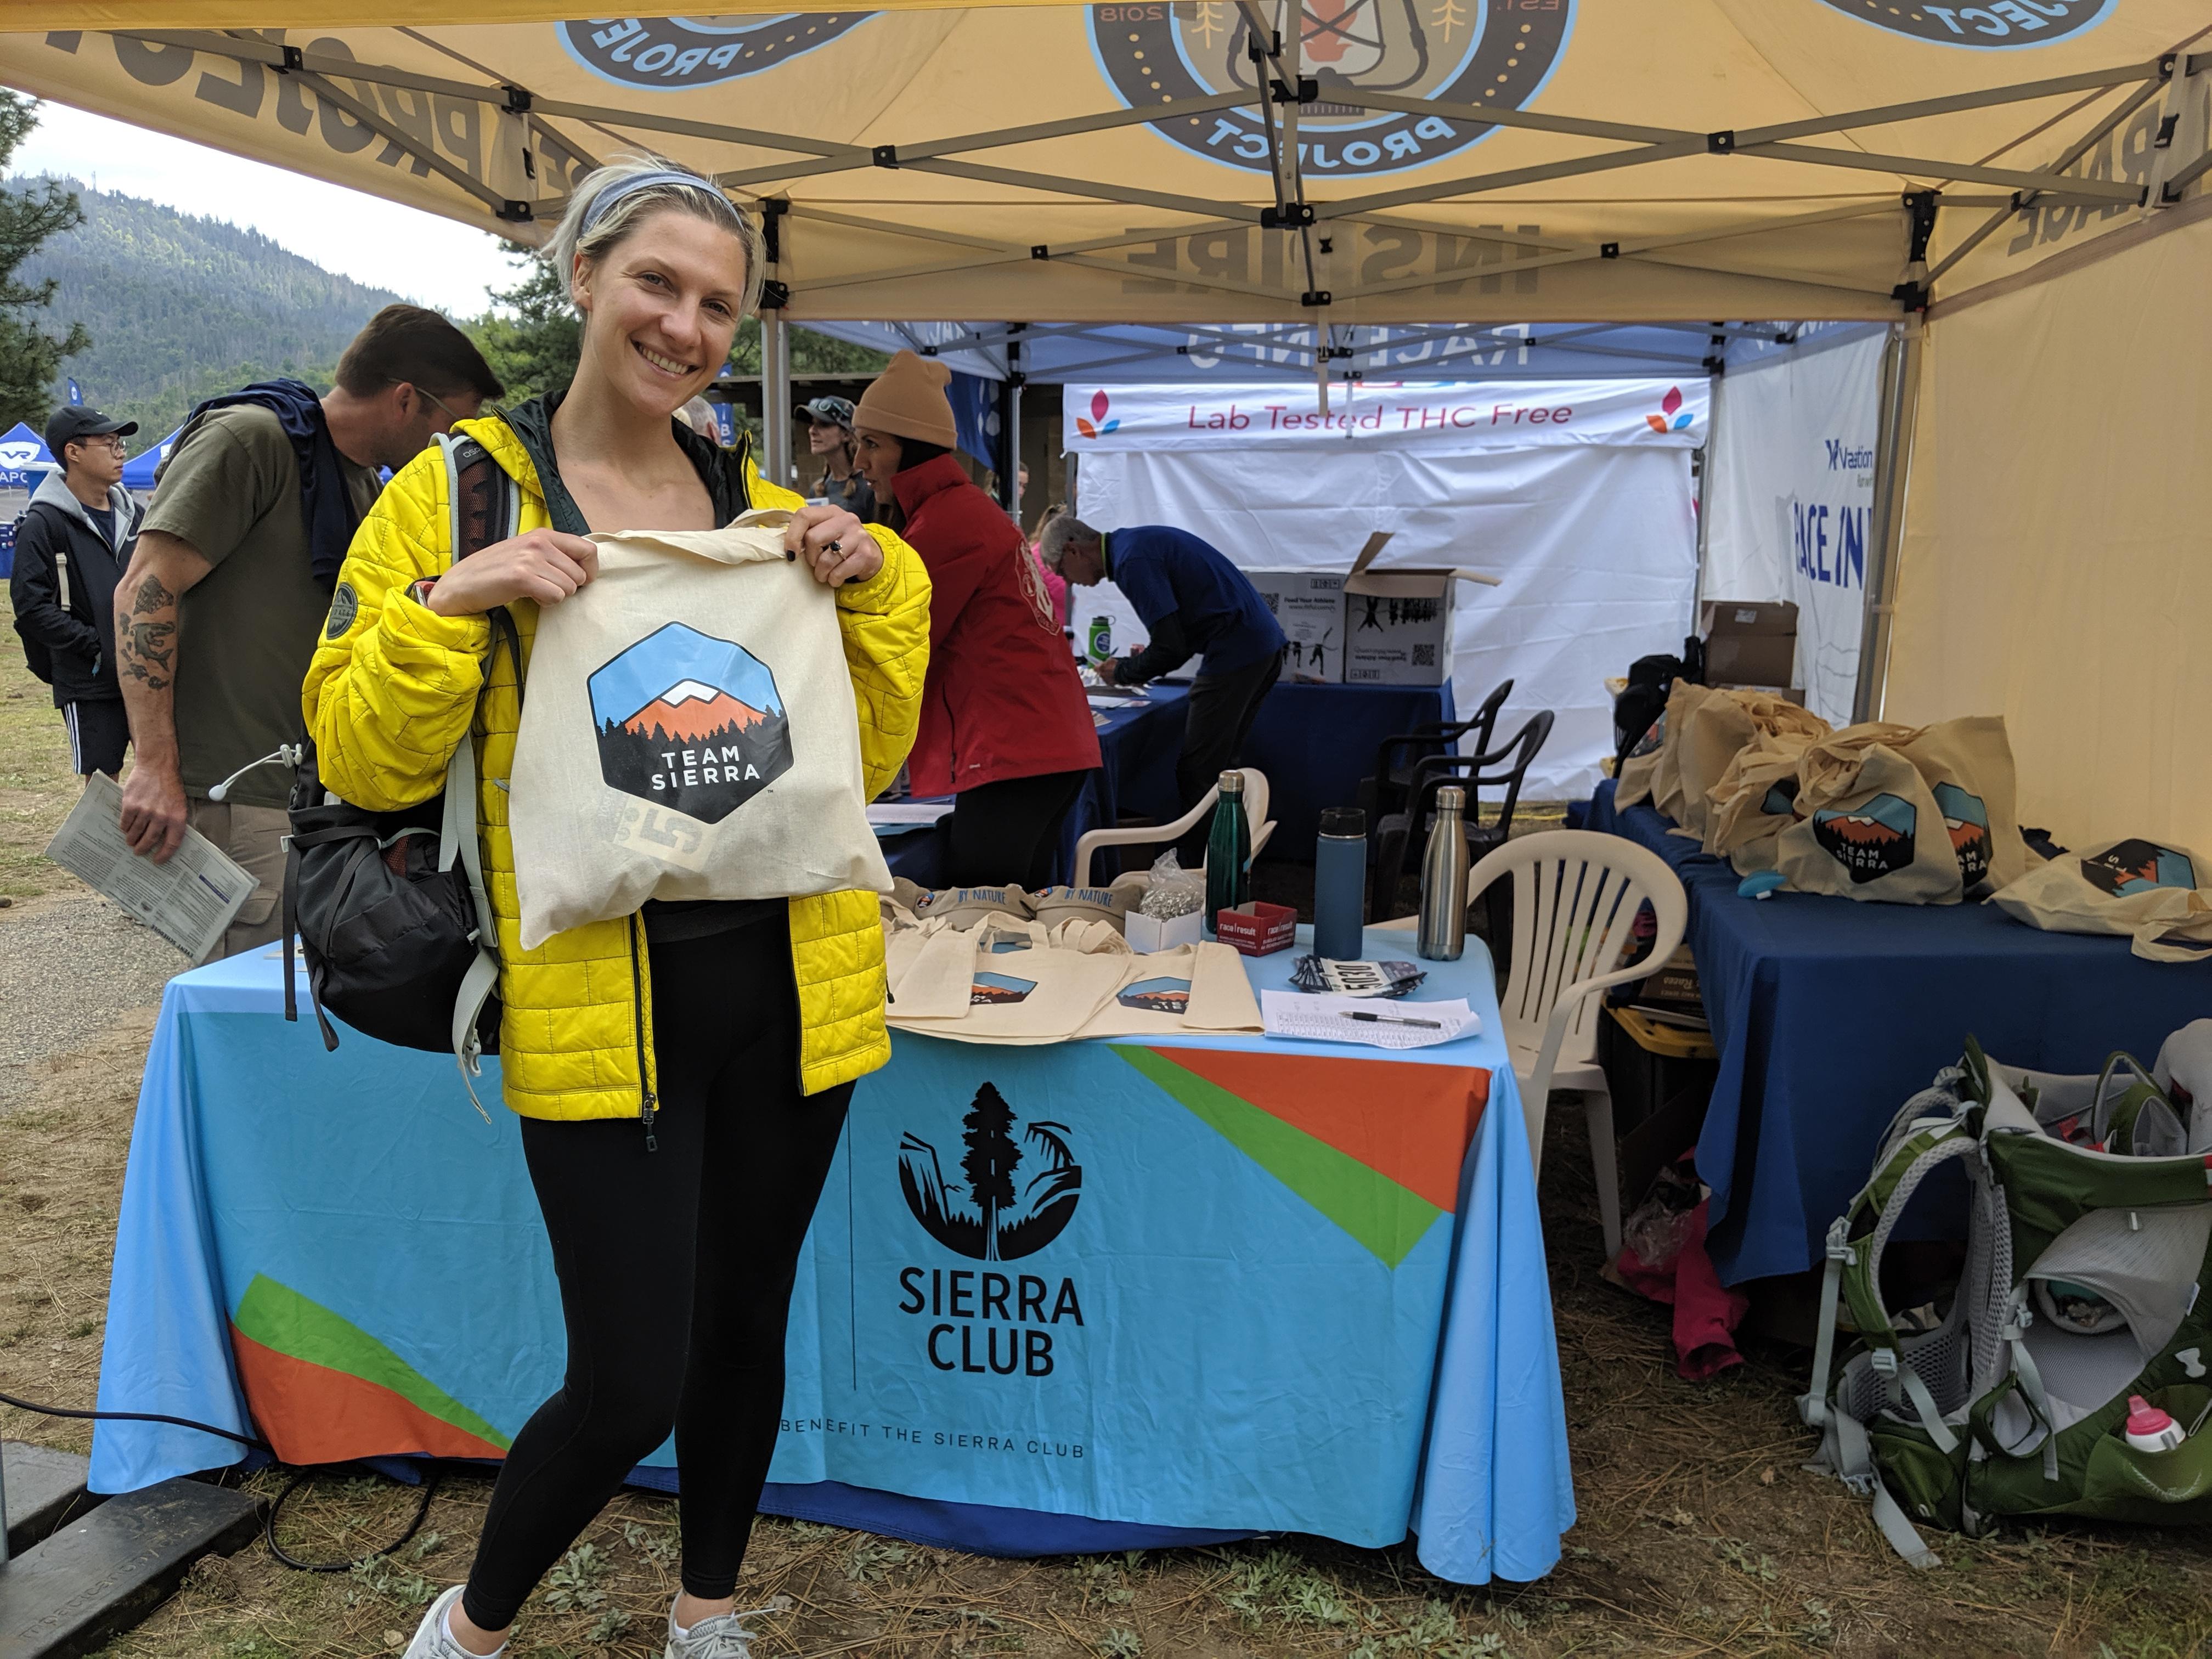 Sarah at Expo